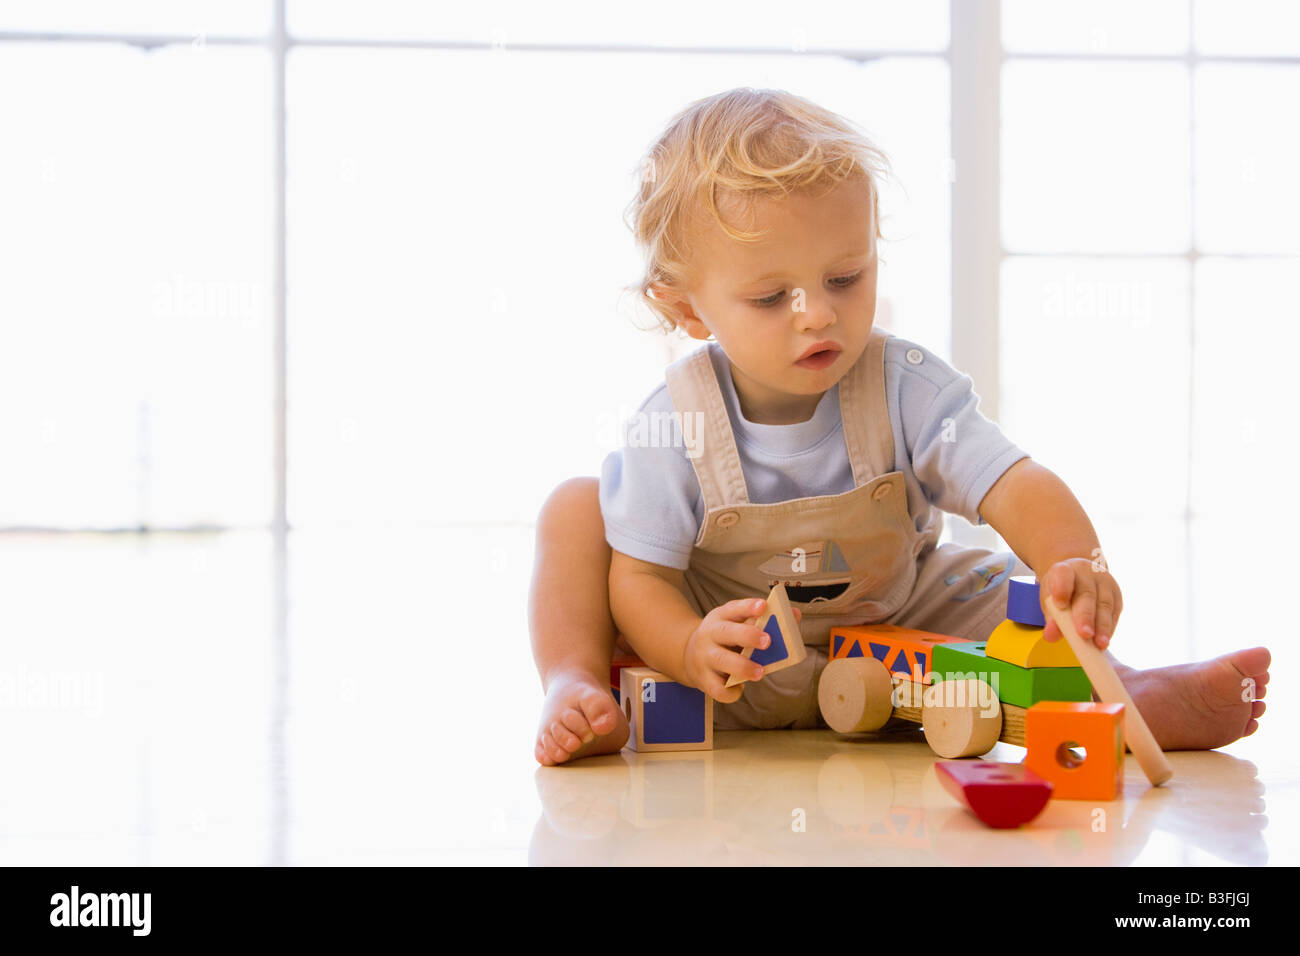 Bebé adentro jugando con camión de juguete Imagen De Stock